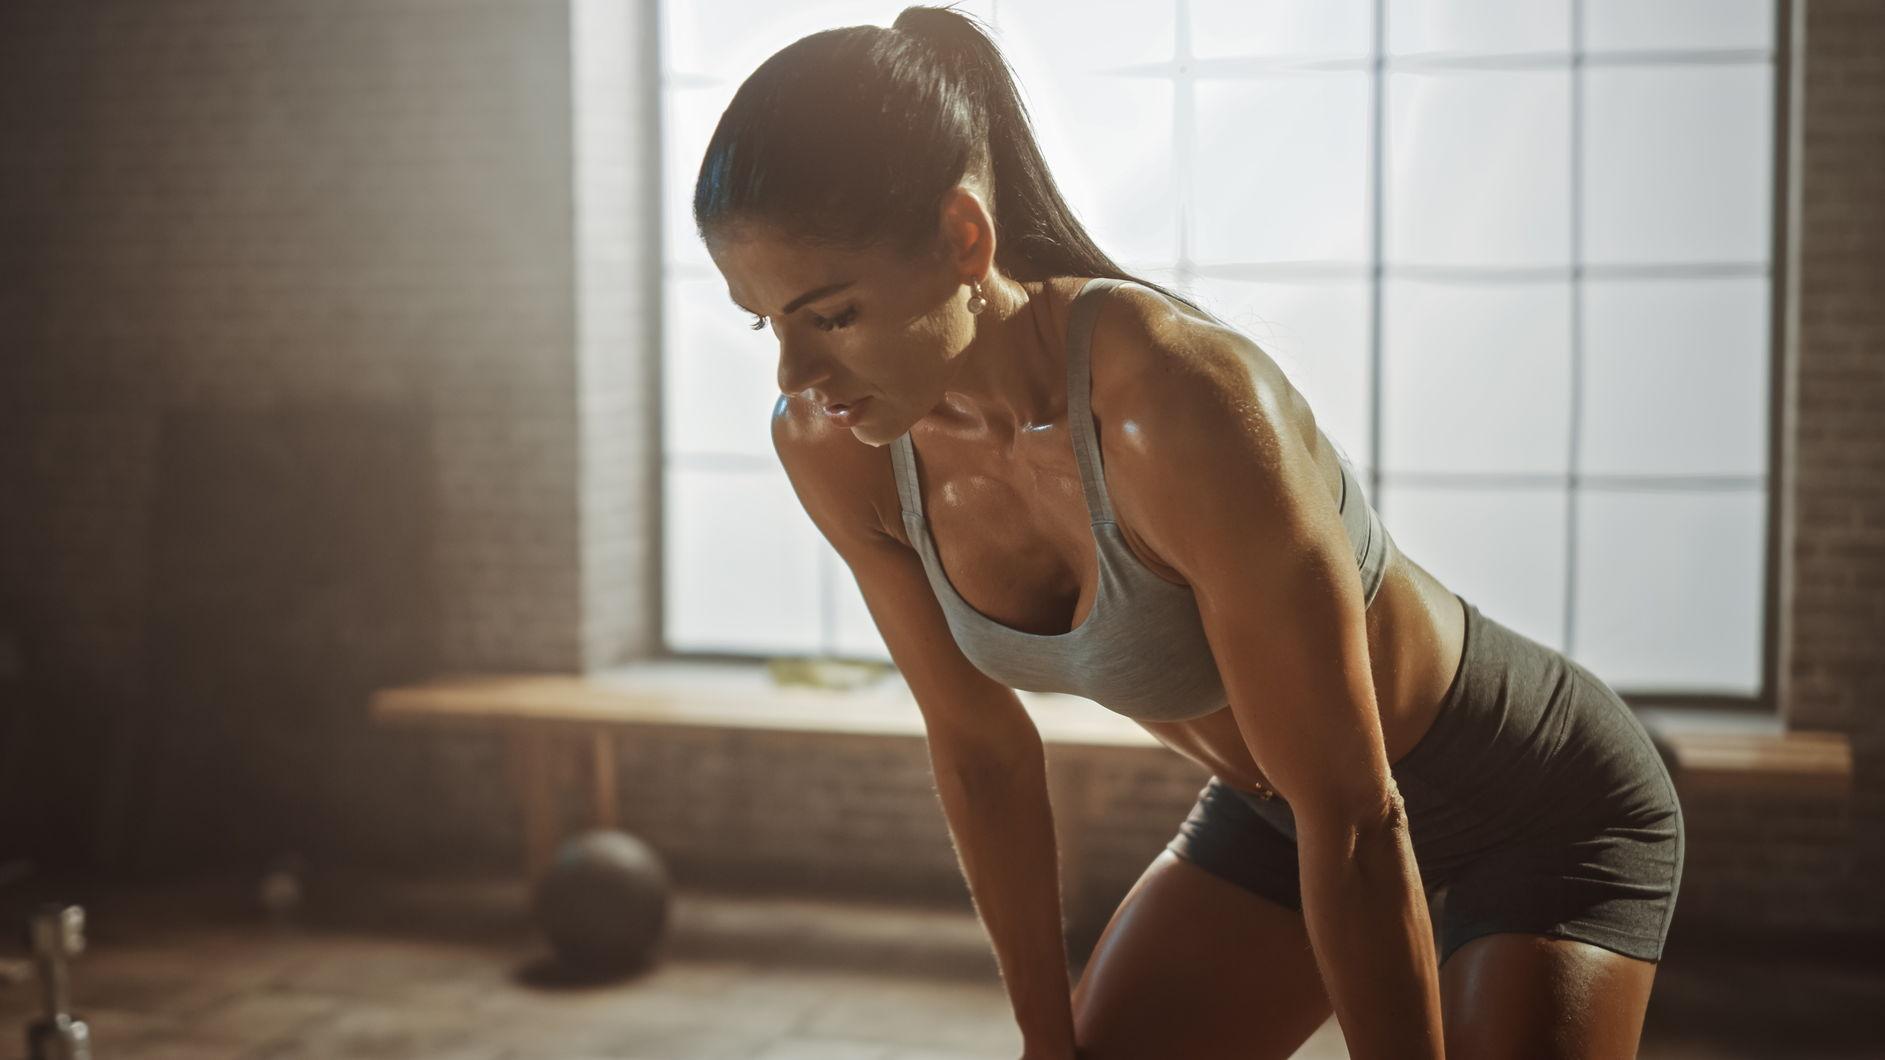 øvelse som forbrenner mange kalorier